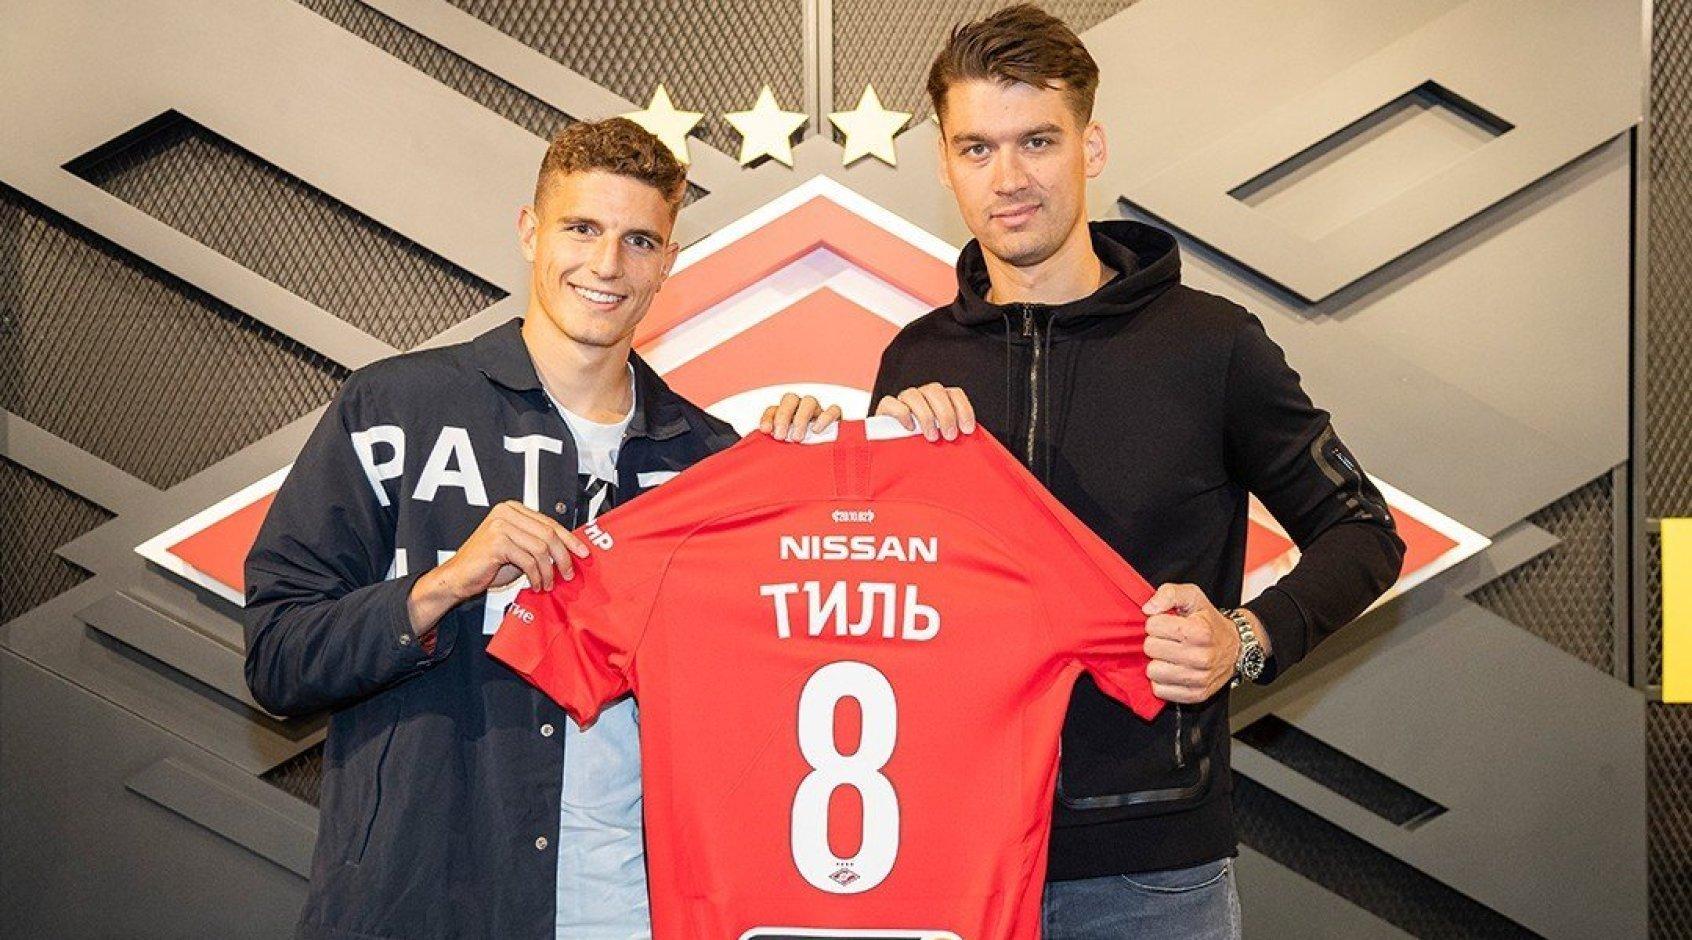 Tinkoff Bank novyj sponsor RPL Novosti sluhi i tsifry 4